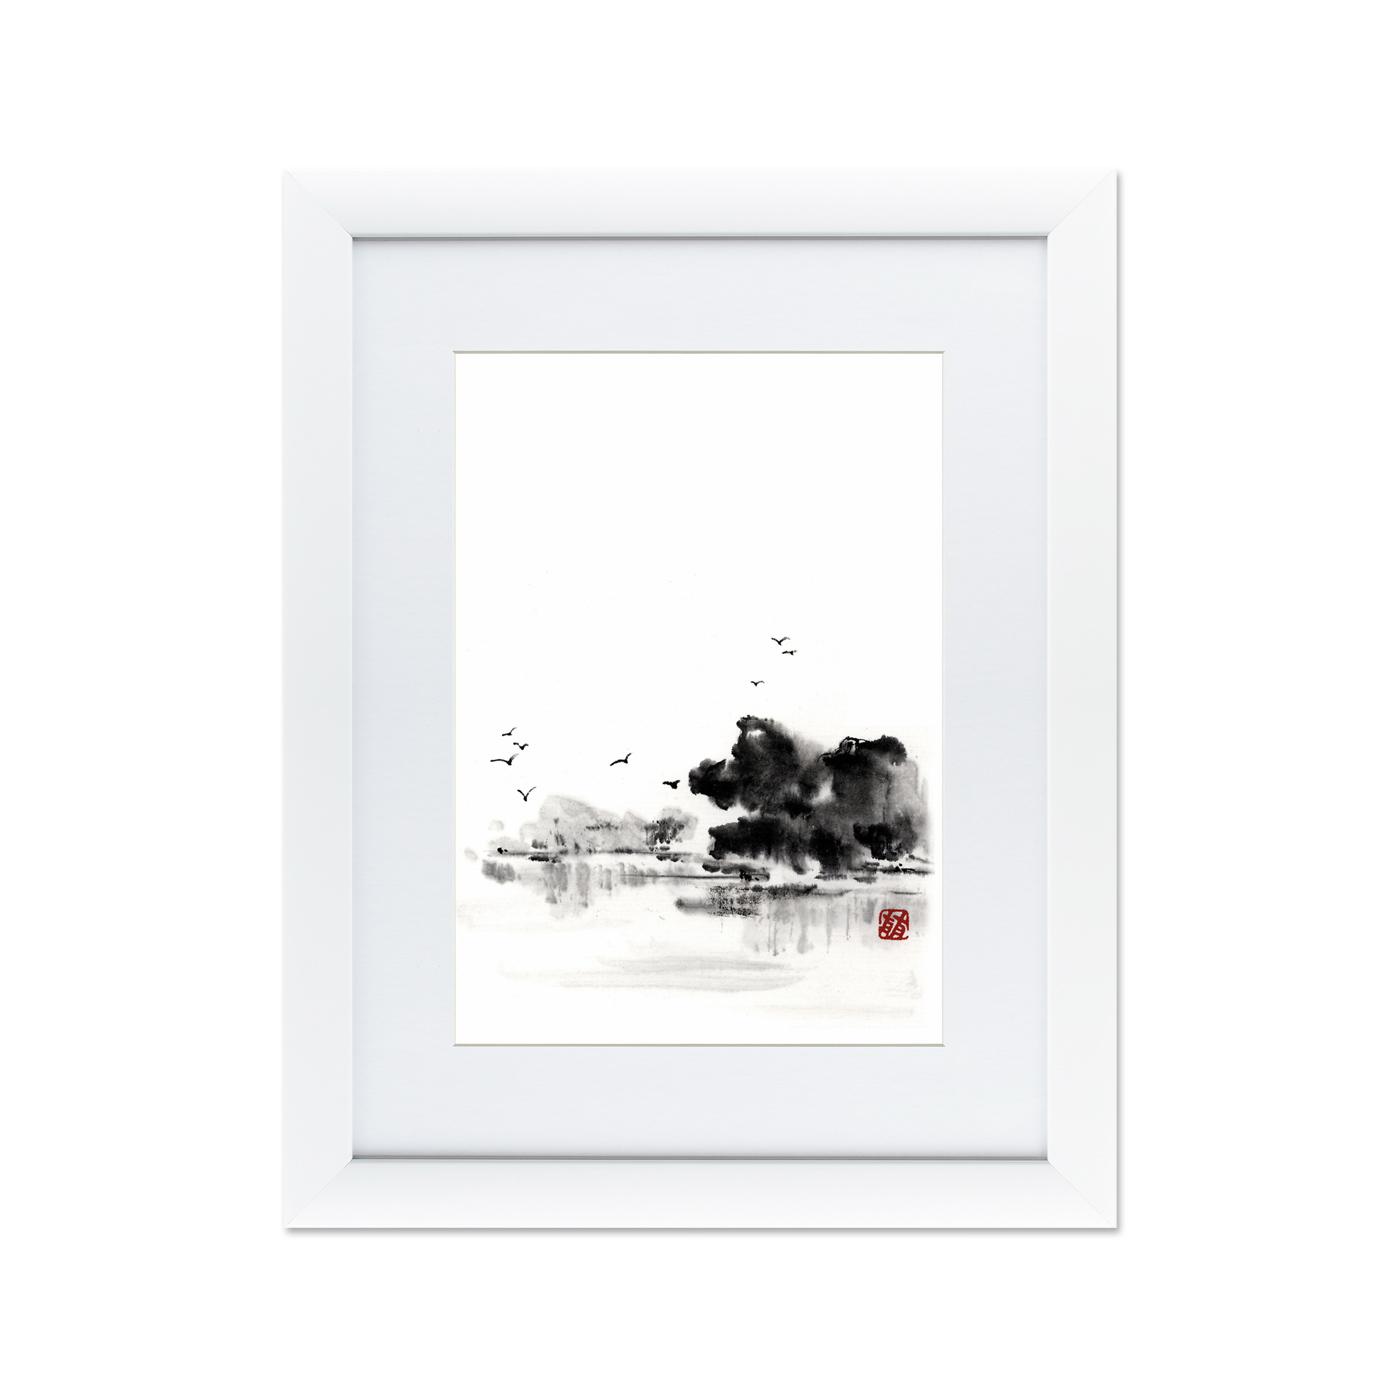 {} Картины в Квартиру Картина Японская Акварель Суми-э, №5 (47х60 см) картины в квартиру картина пилигрим из мешхеда 47х60 см